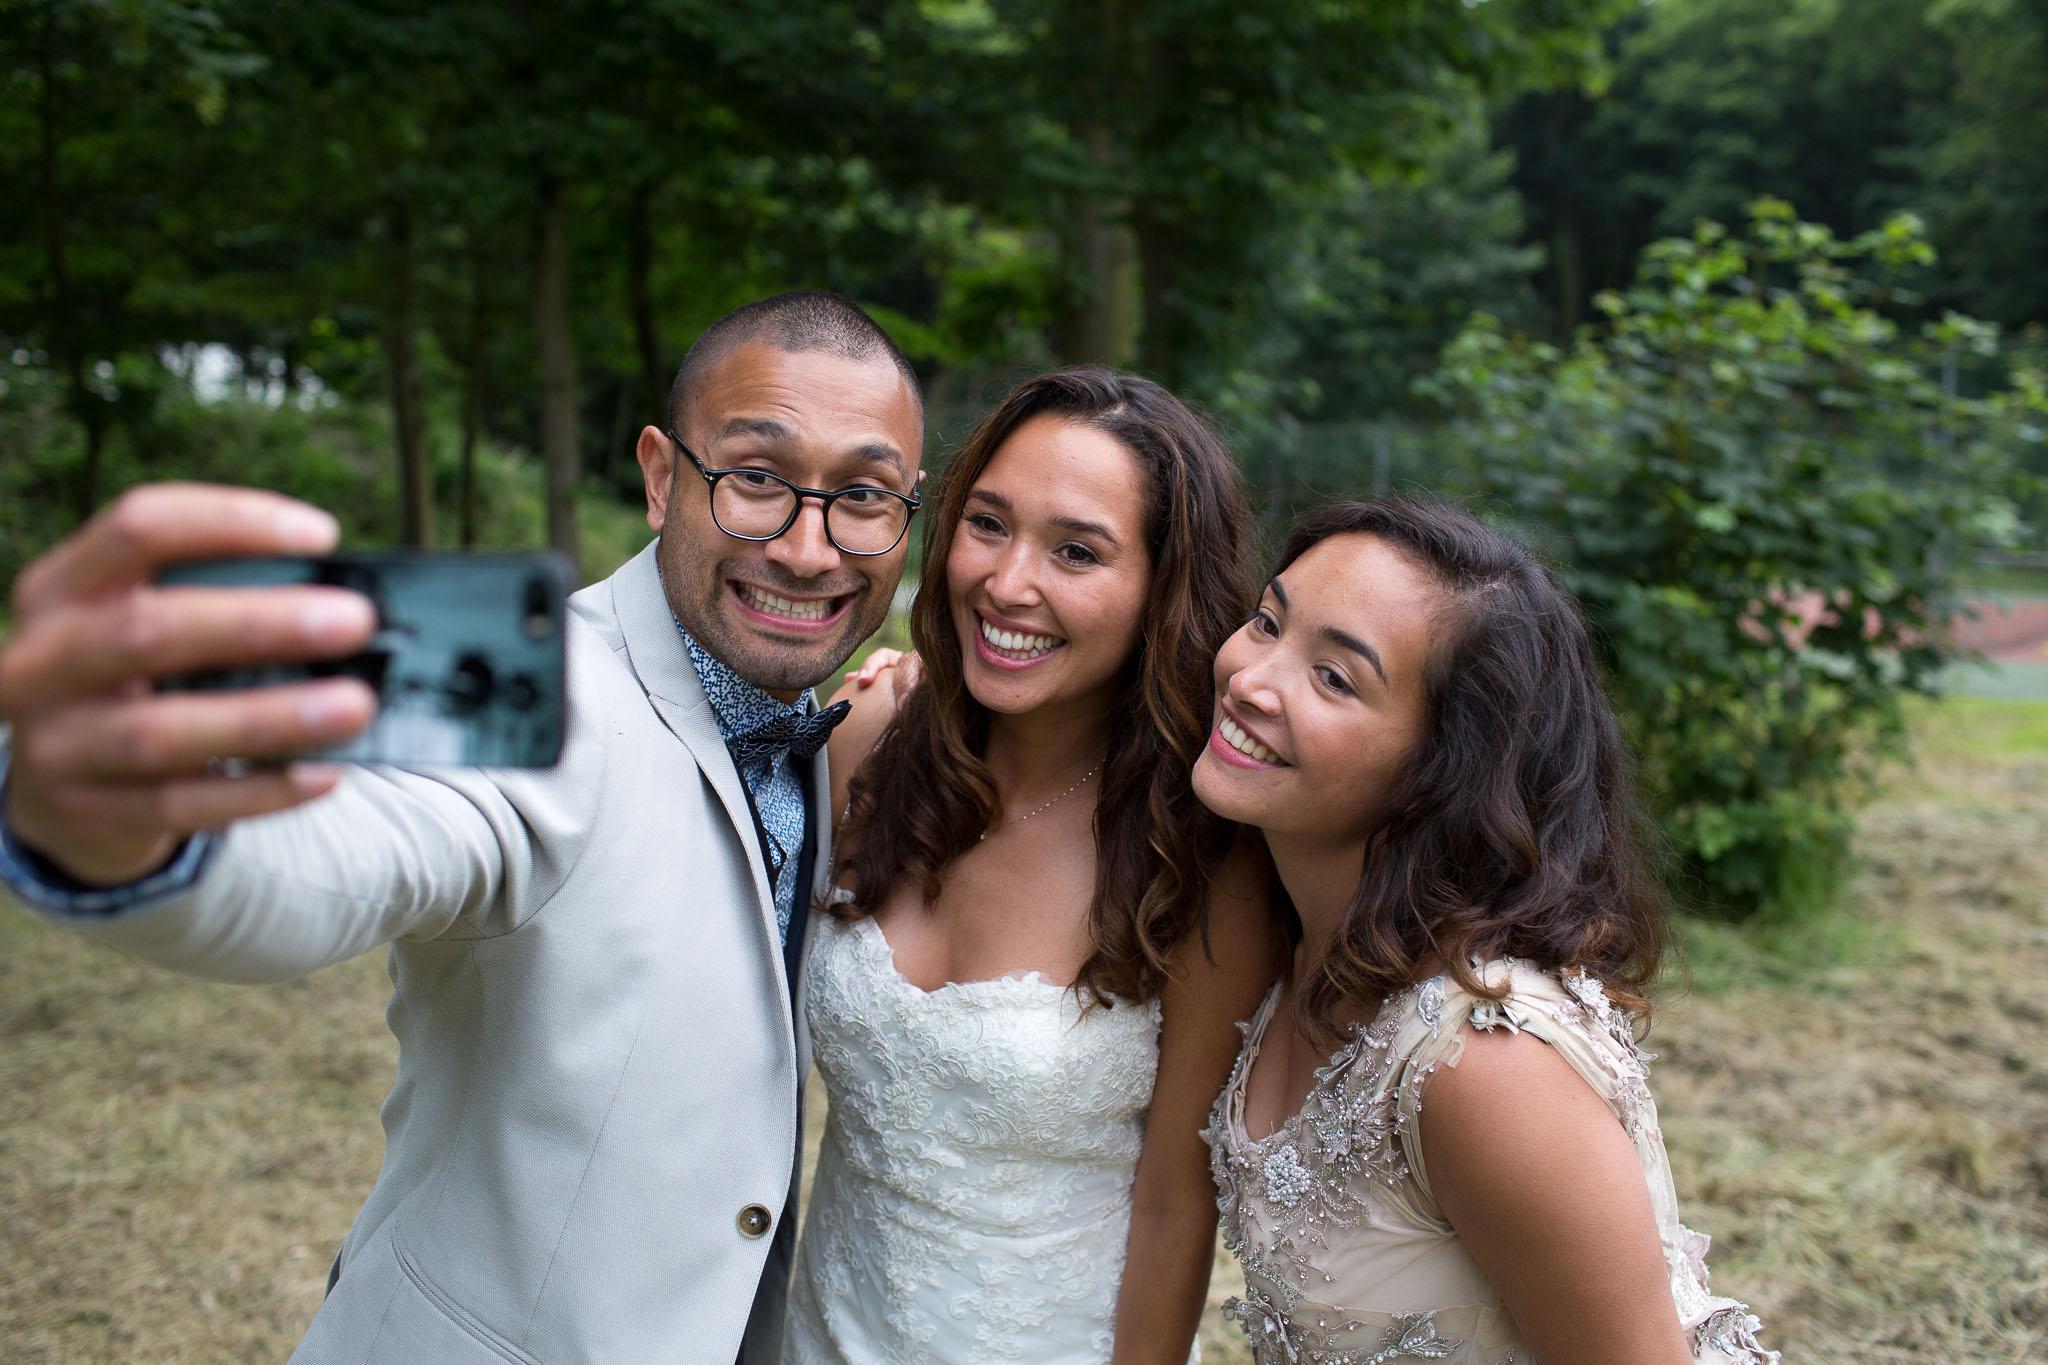 freebirdstories-com_wedding_christiaannina_lowres_694